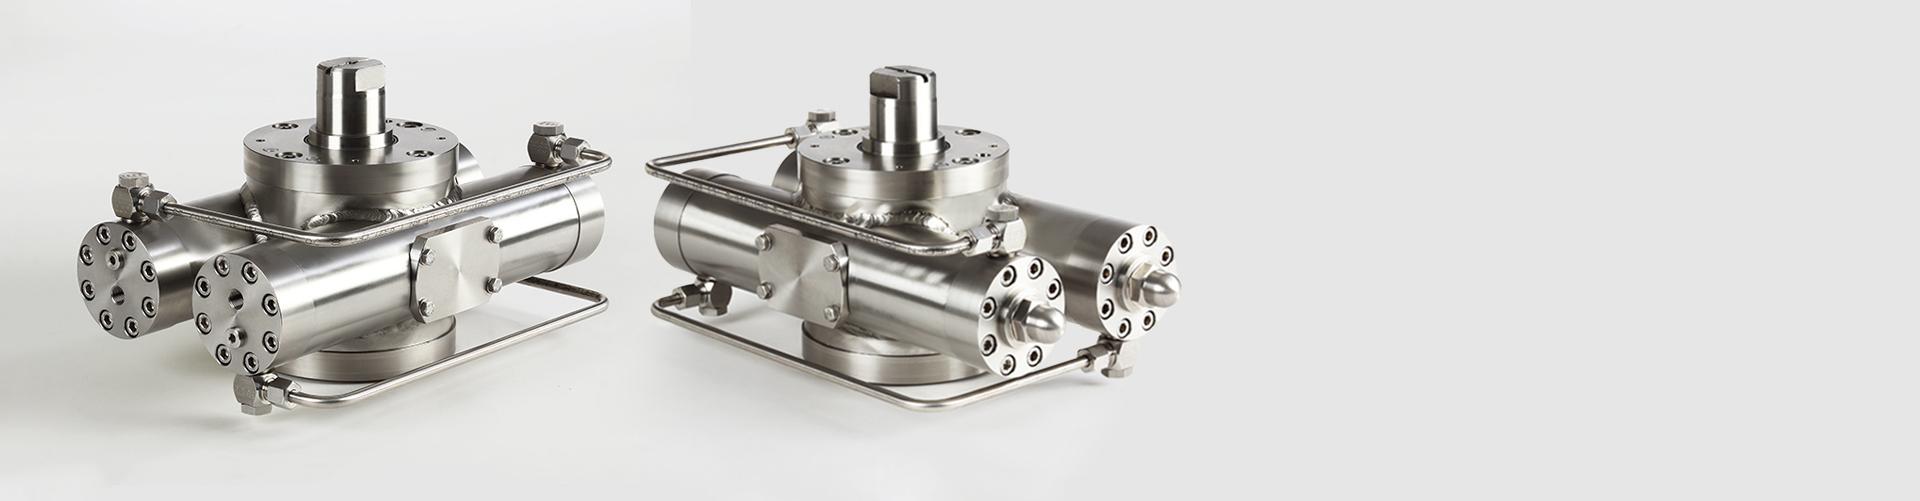 DKSE 430 – Hydraulik-Doppelkolben-Schwenkeinheiten